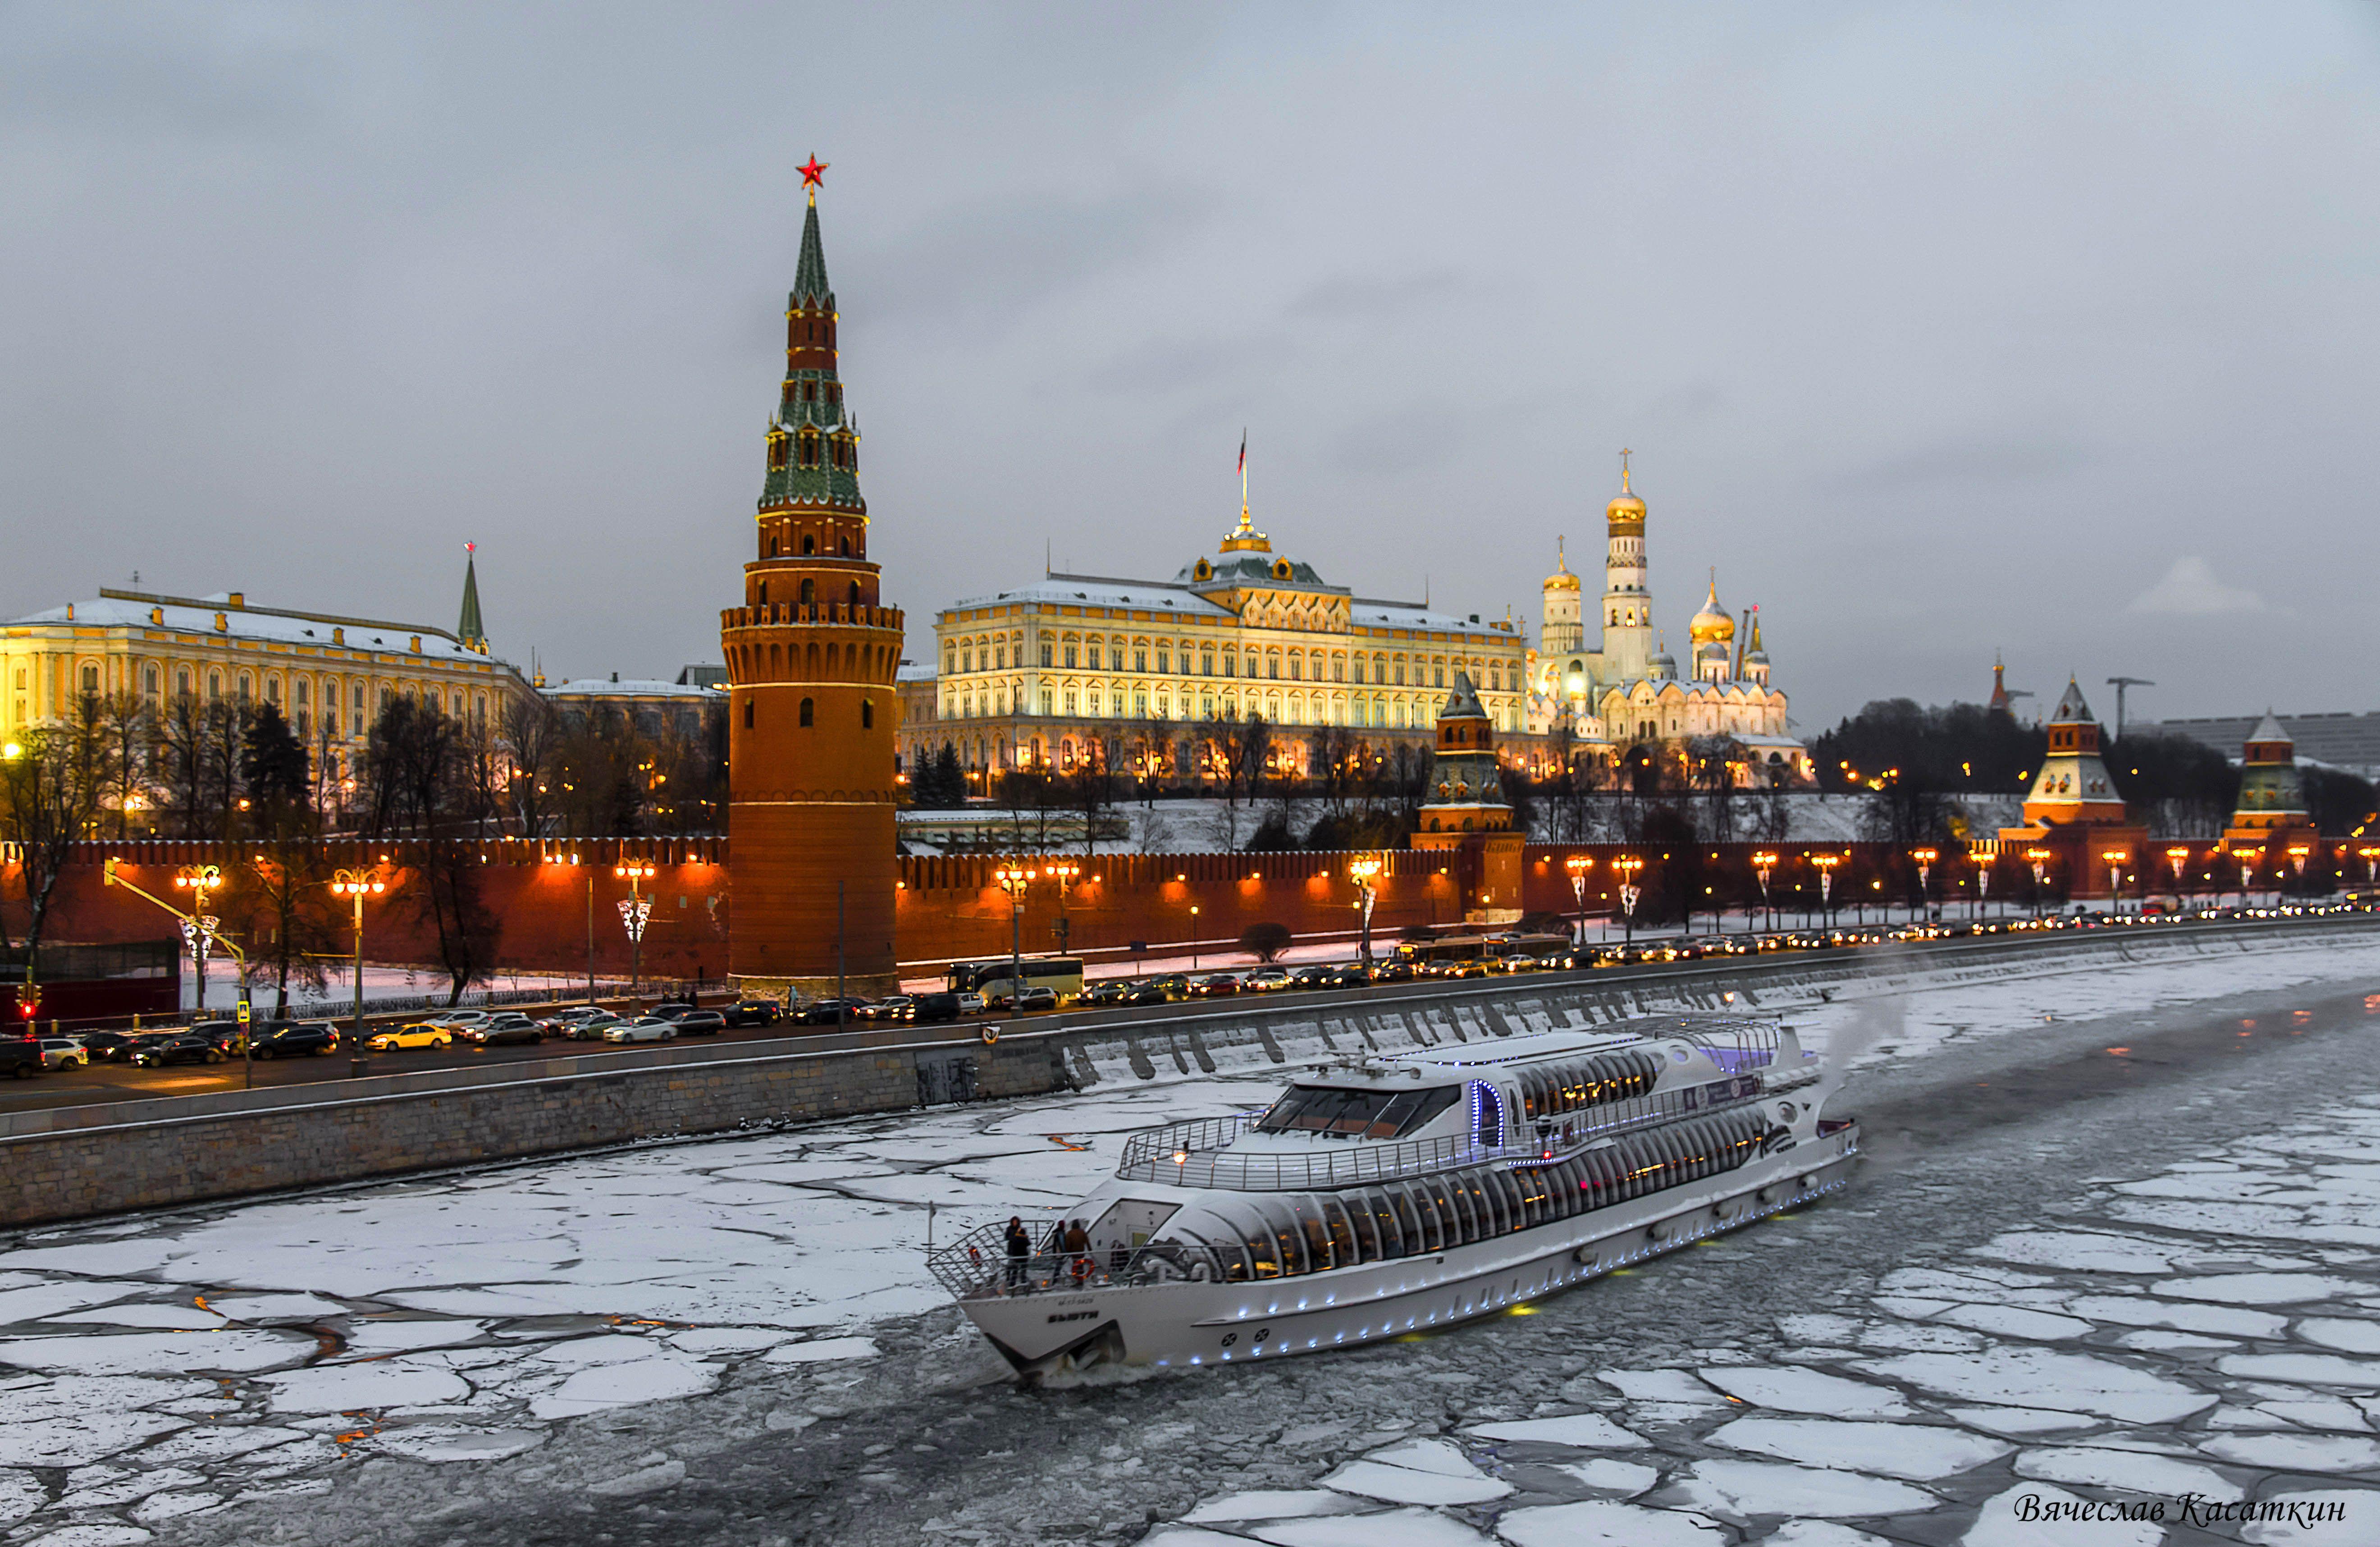 Картинки москва зимой 2018, рисованные картинки жениха